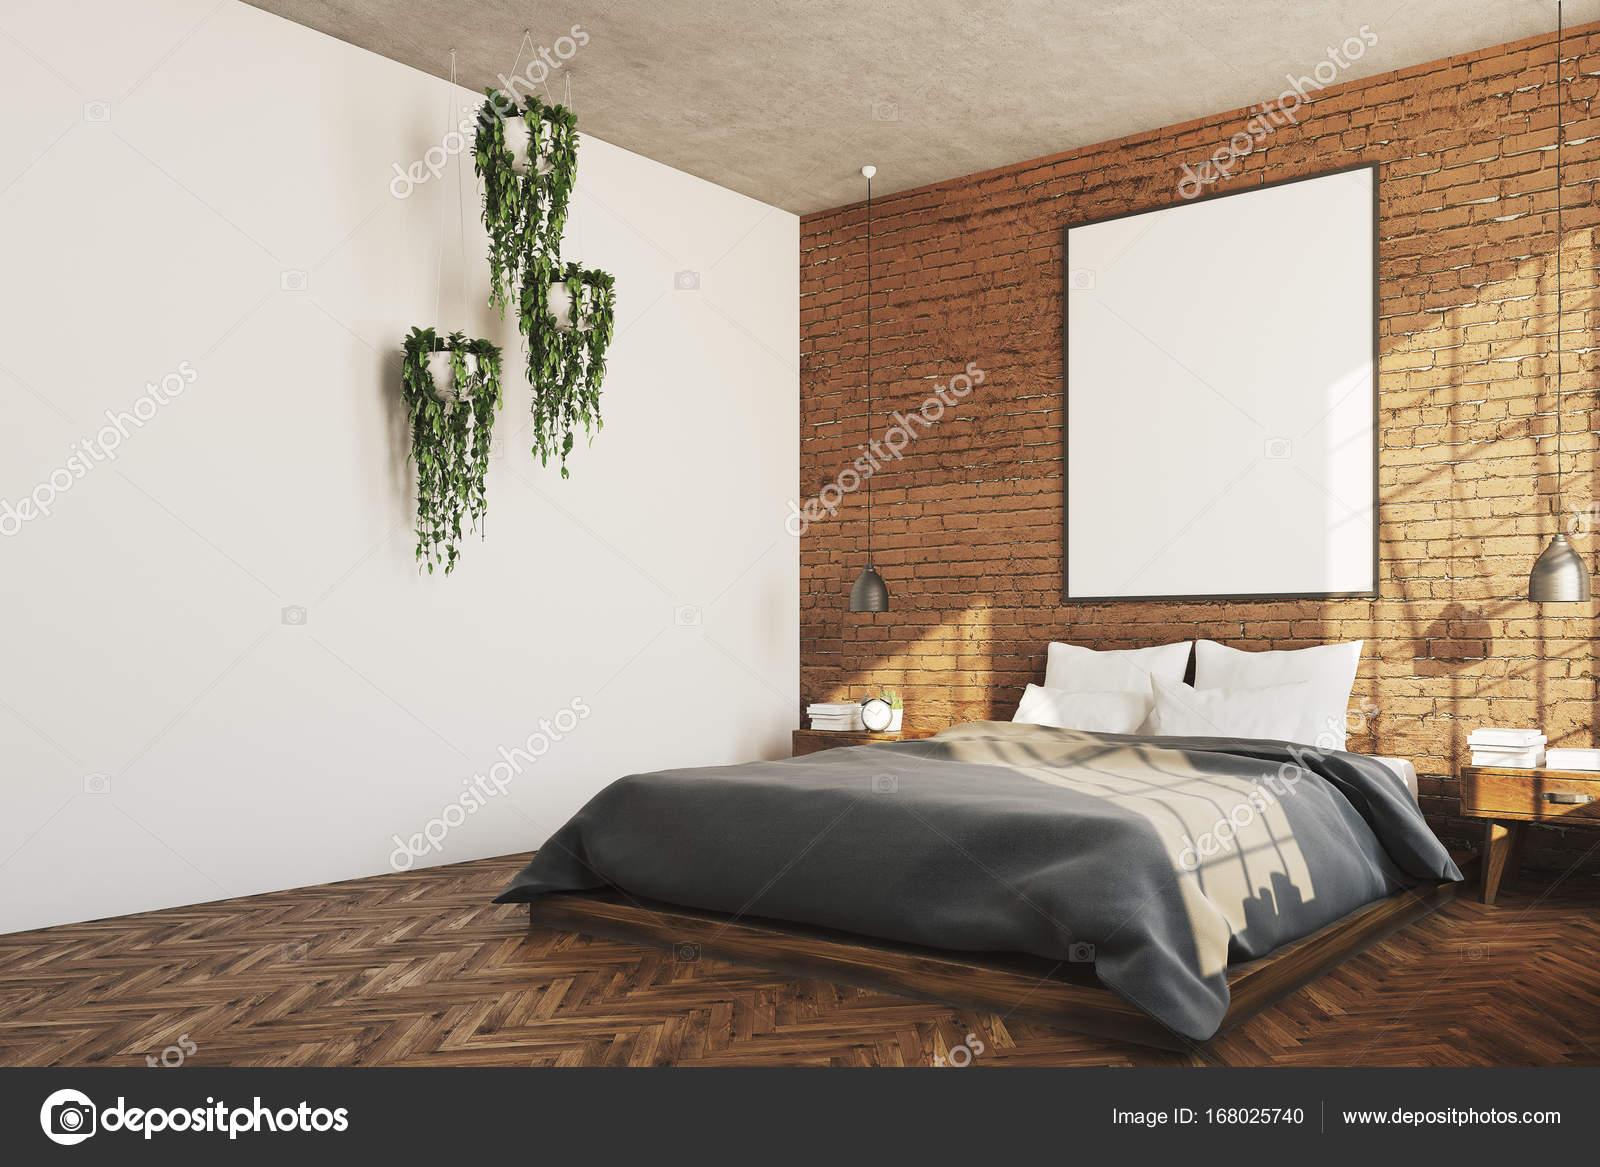 baksteen slaapkamer poster planten hoek stockfoto